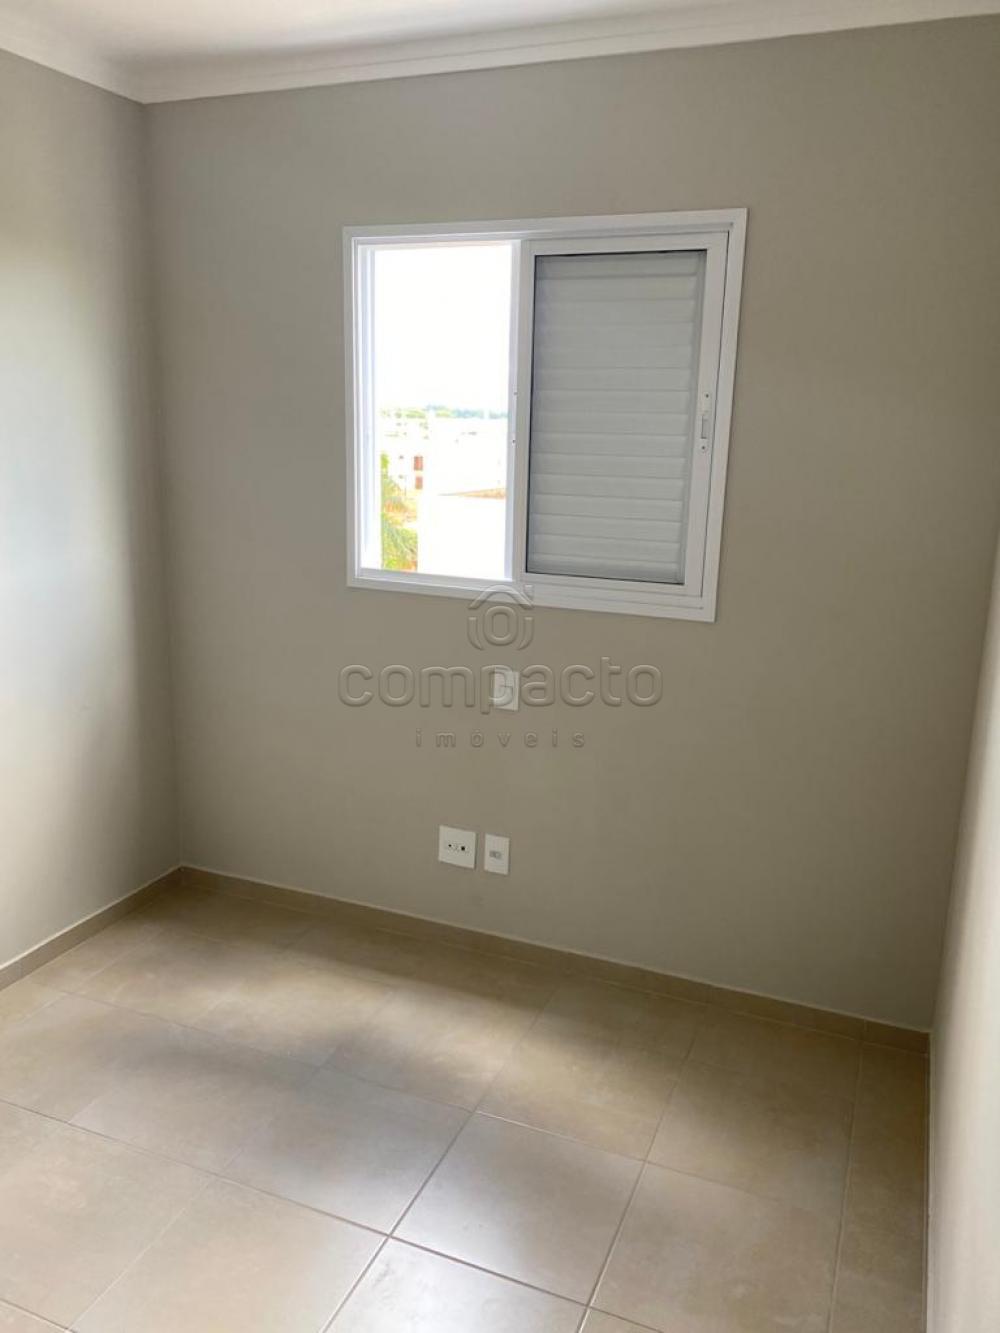 Alugar Apartamento / Padrão em São José do Rio Preto apenas R$ 1.250,00 - Foto 12